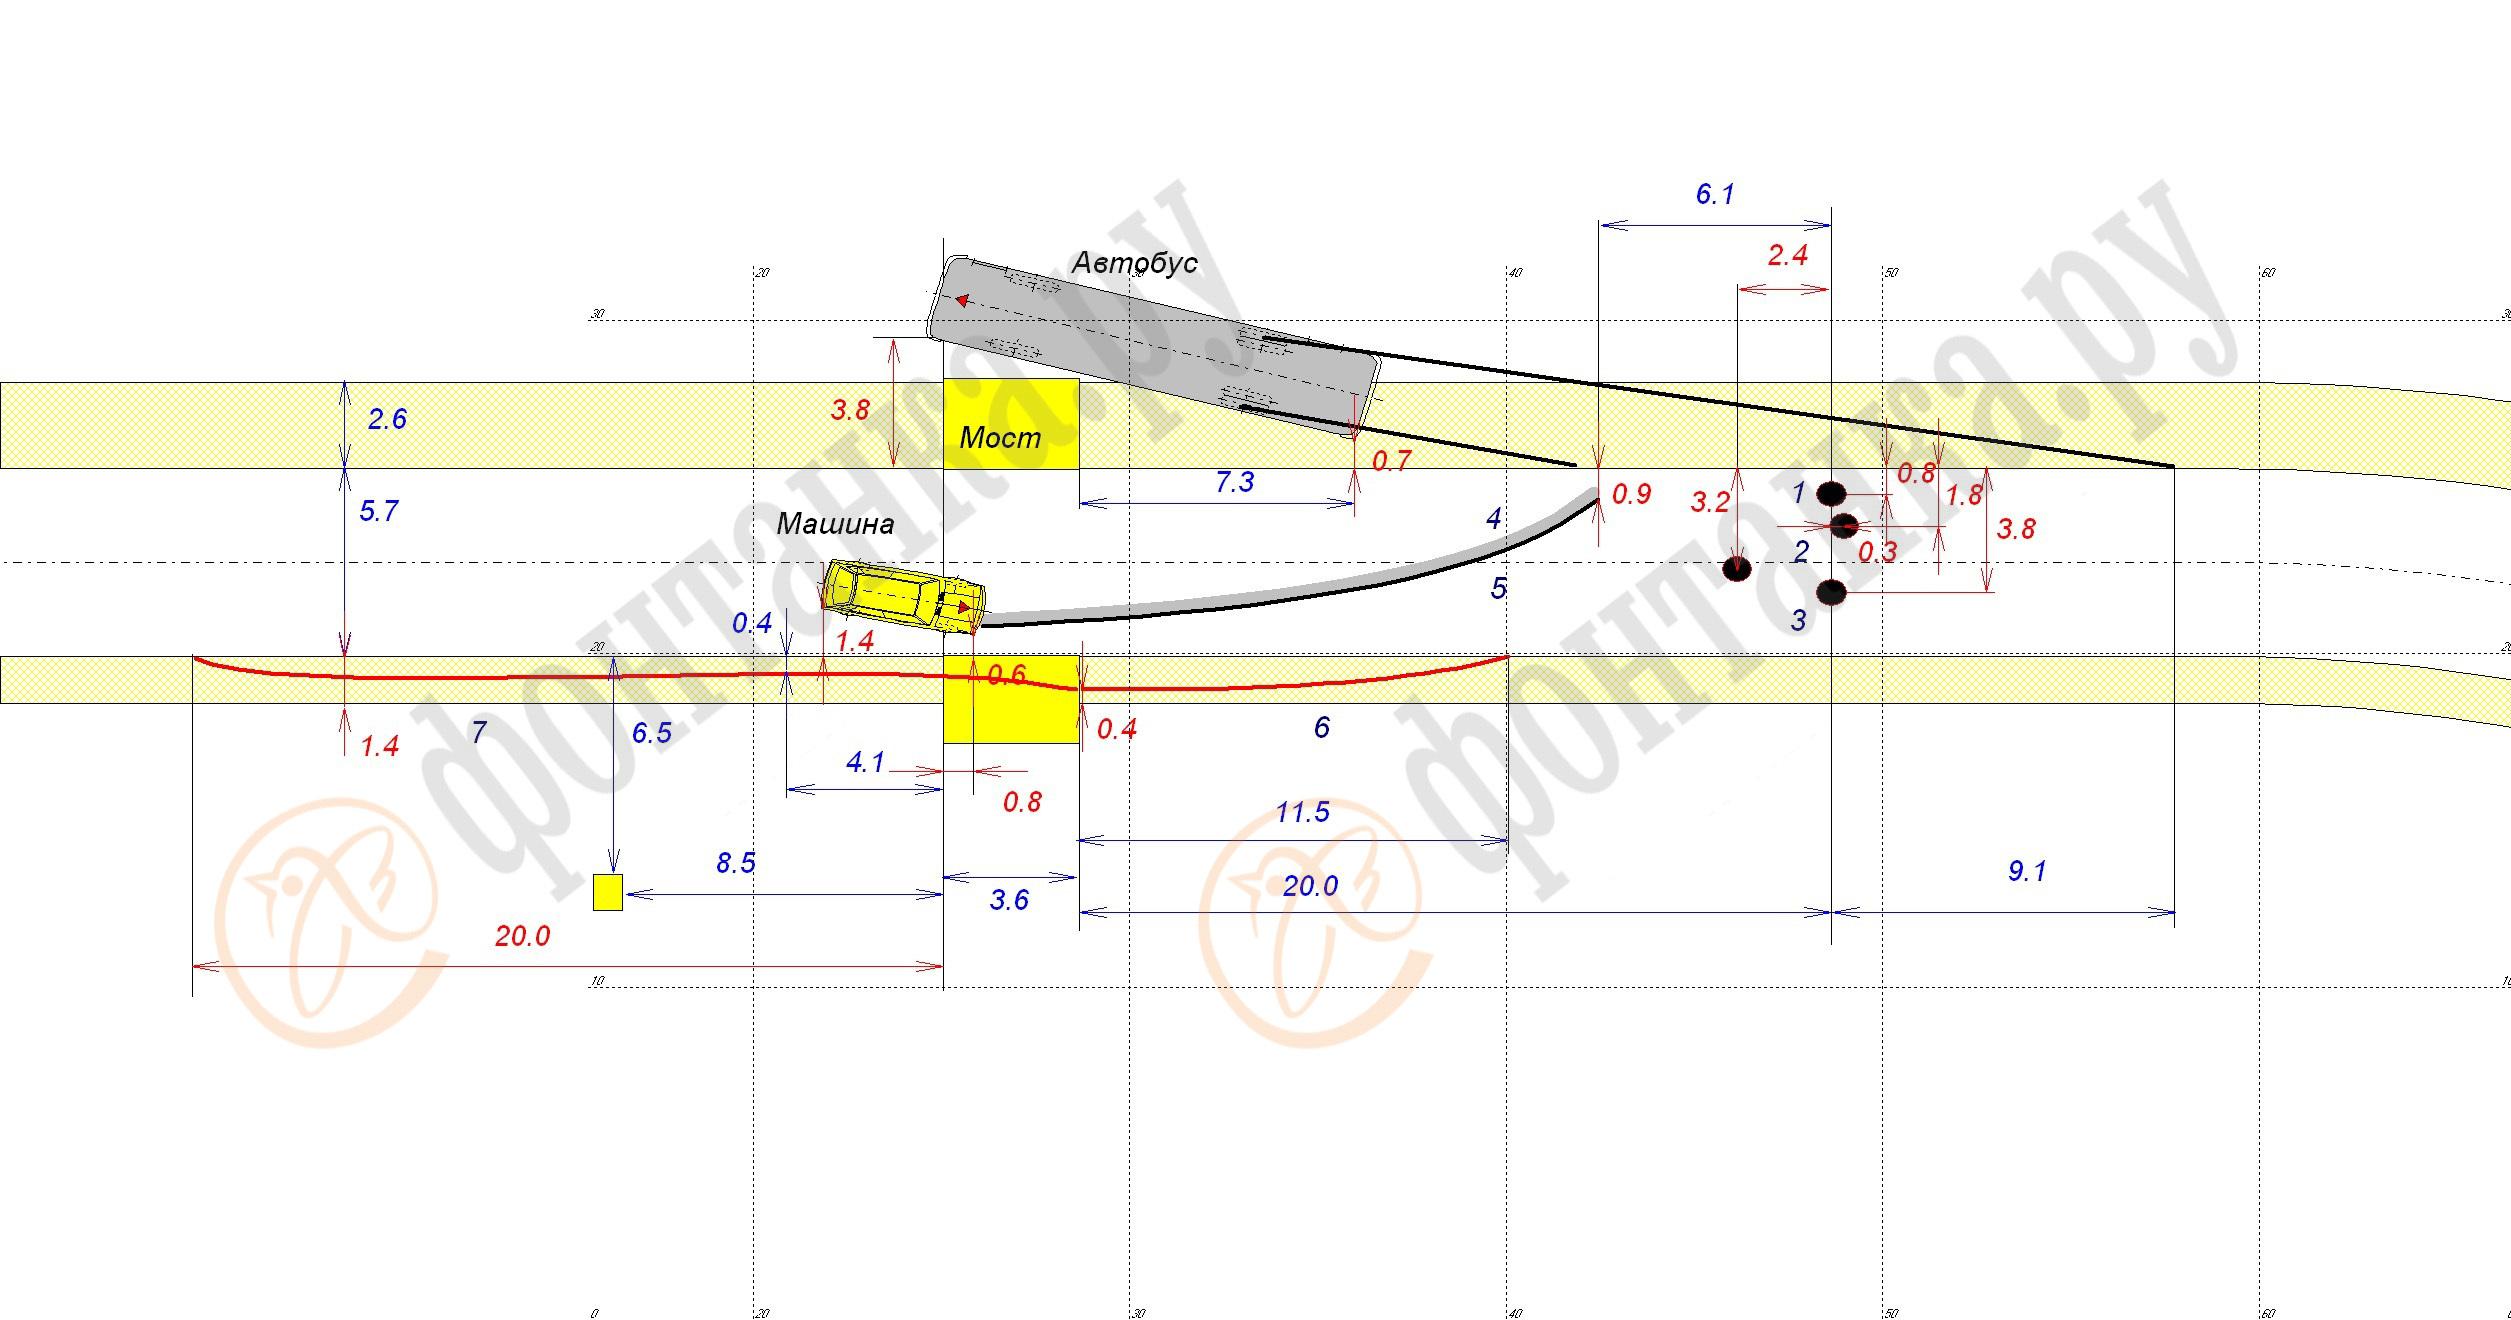 Схема ДТП, красным обозначены размеры, которые из-за плохого качества фотокопии вызывают сомнения